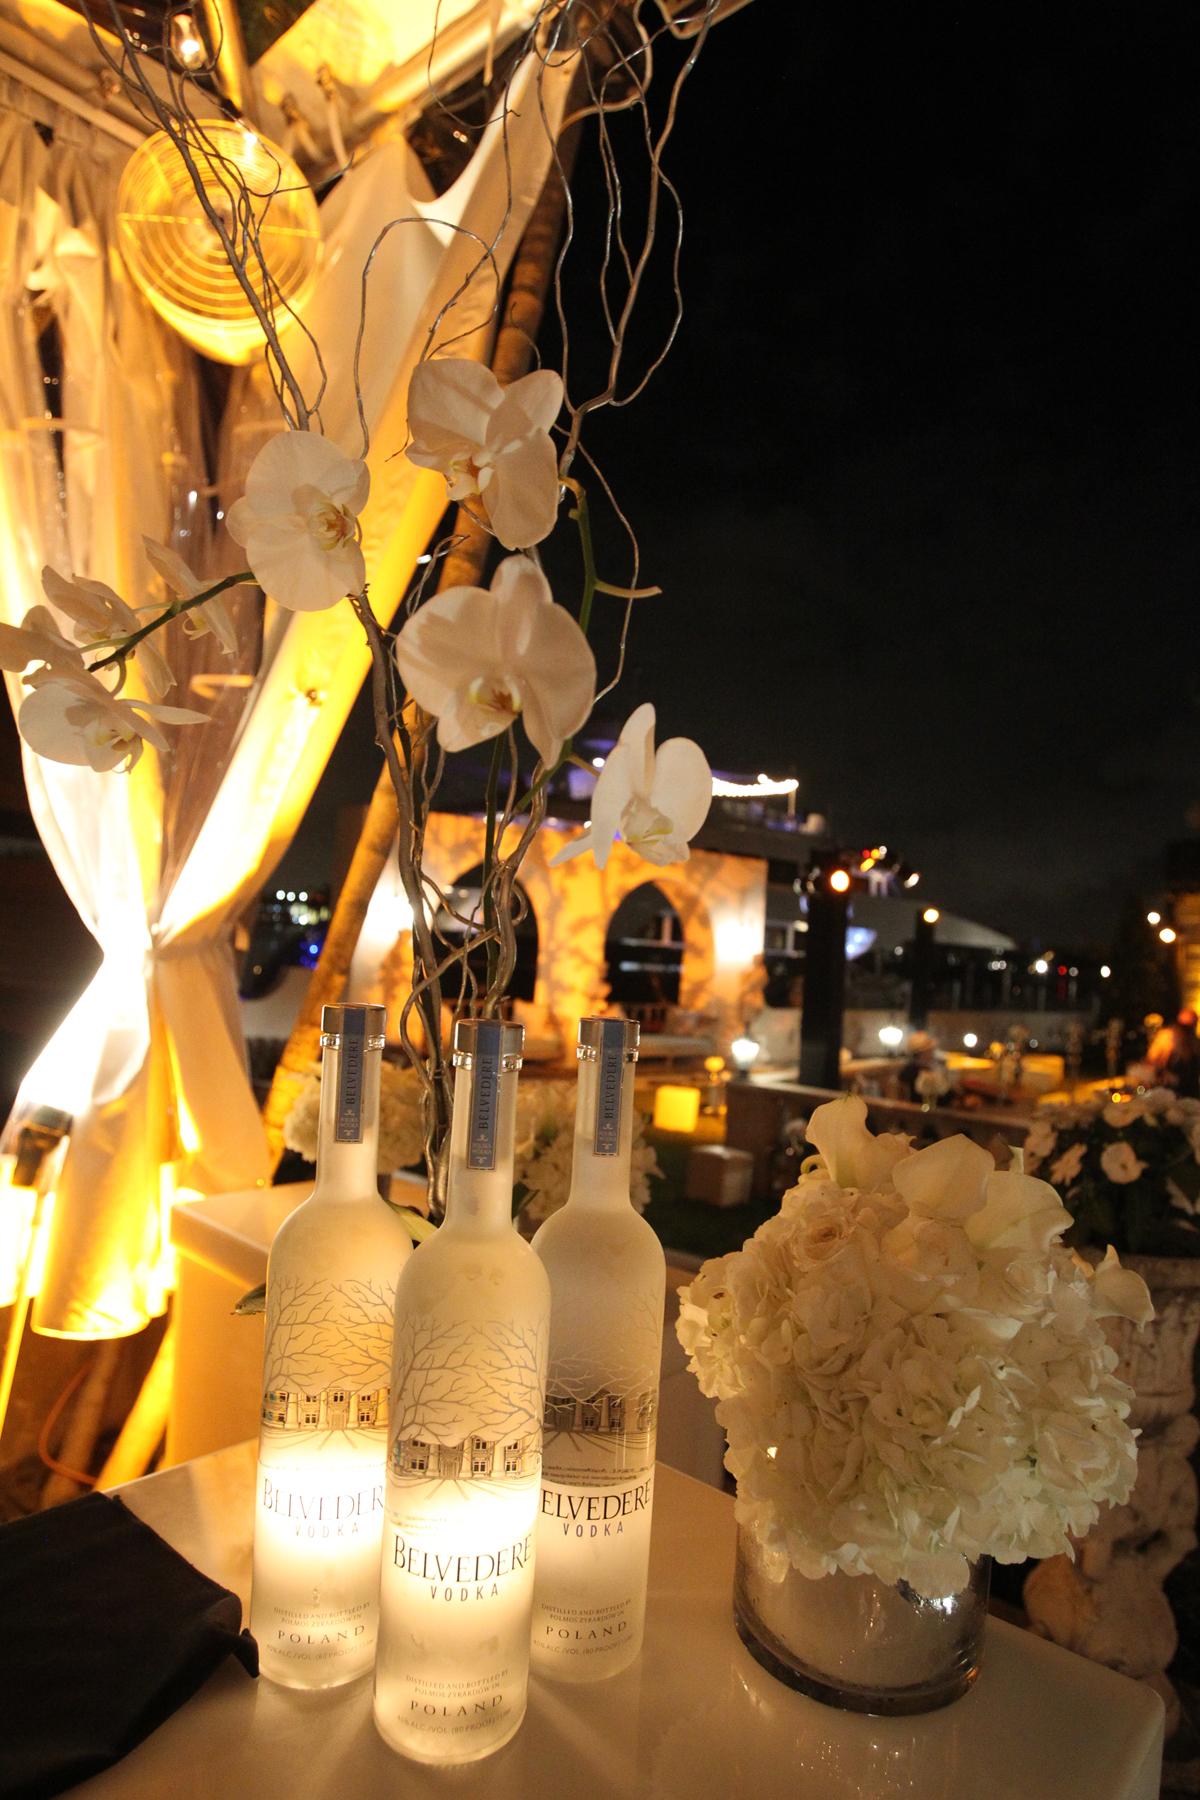 belvedere-vodka-dom-perignon-9